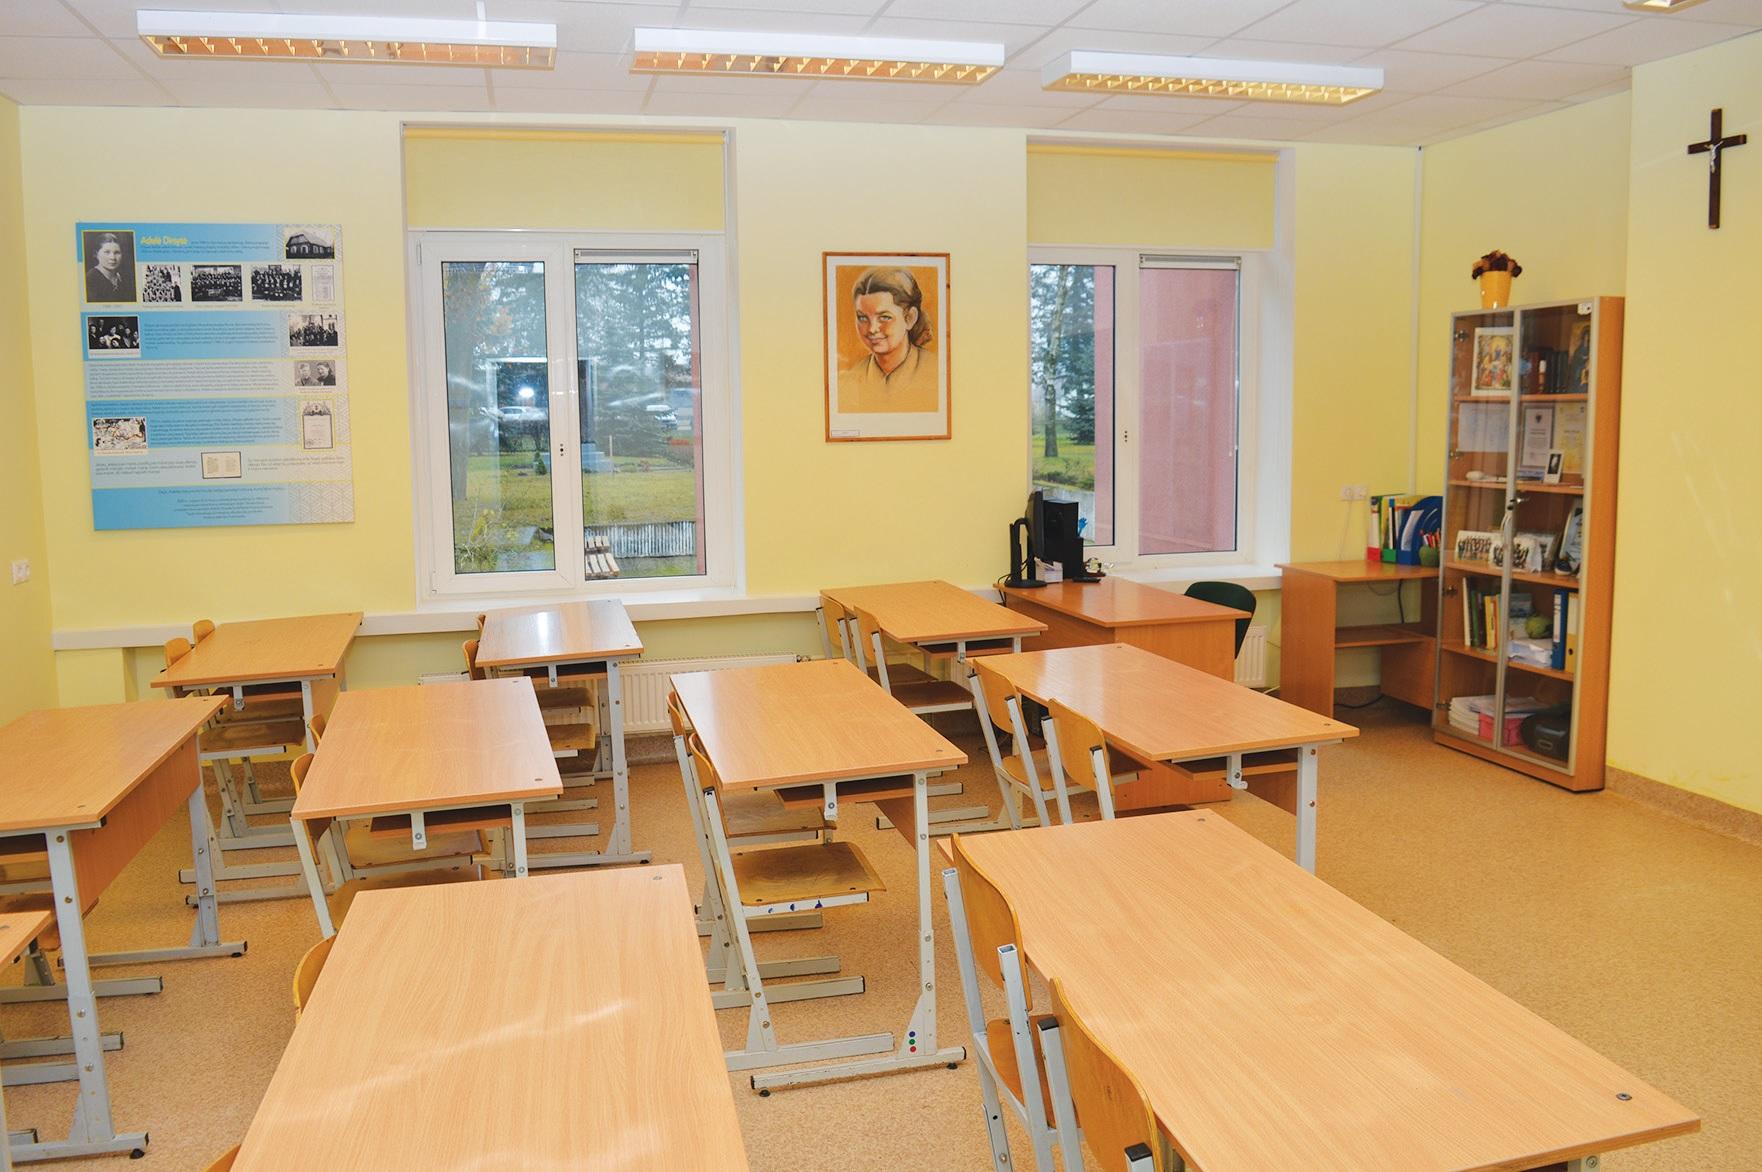 Gimnazijos bendruomenė puoselėja pilietiškumo ir tautiškumo tradicijas ir didžiuojasi Šaulių būreliu, muziejumi bei Adelės Dirsytės kabinetu.